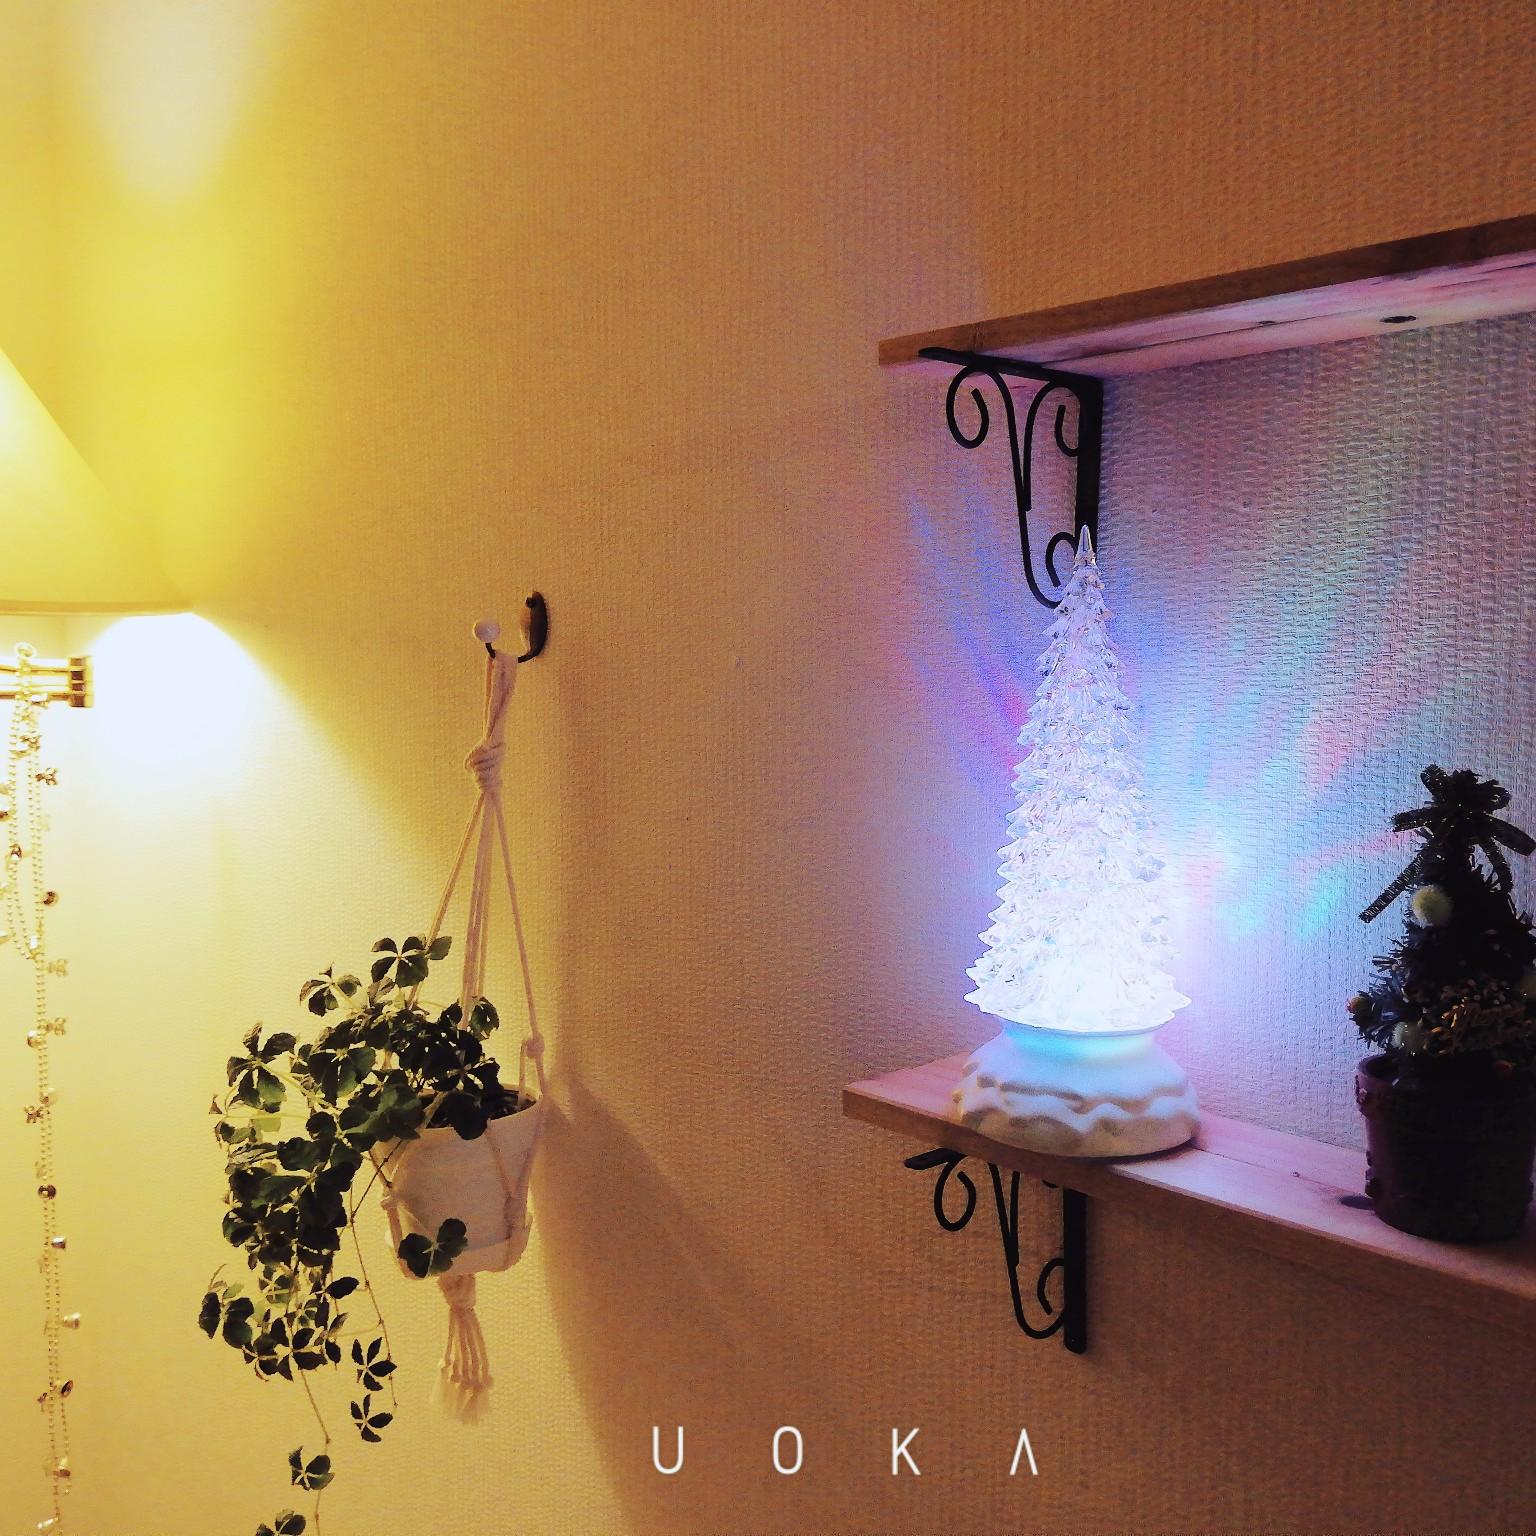 リビング/クリスマス/Walker tree/ナチュラルインテリア/癒しの空間❁*.゚...などのインテリア実例 - 2020-12-03 22:04:37